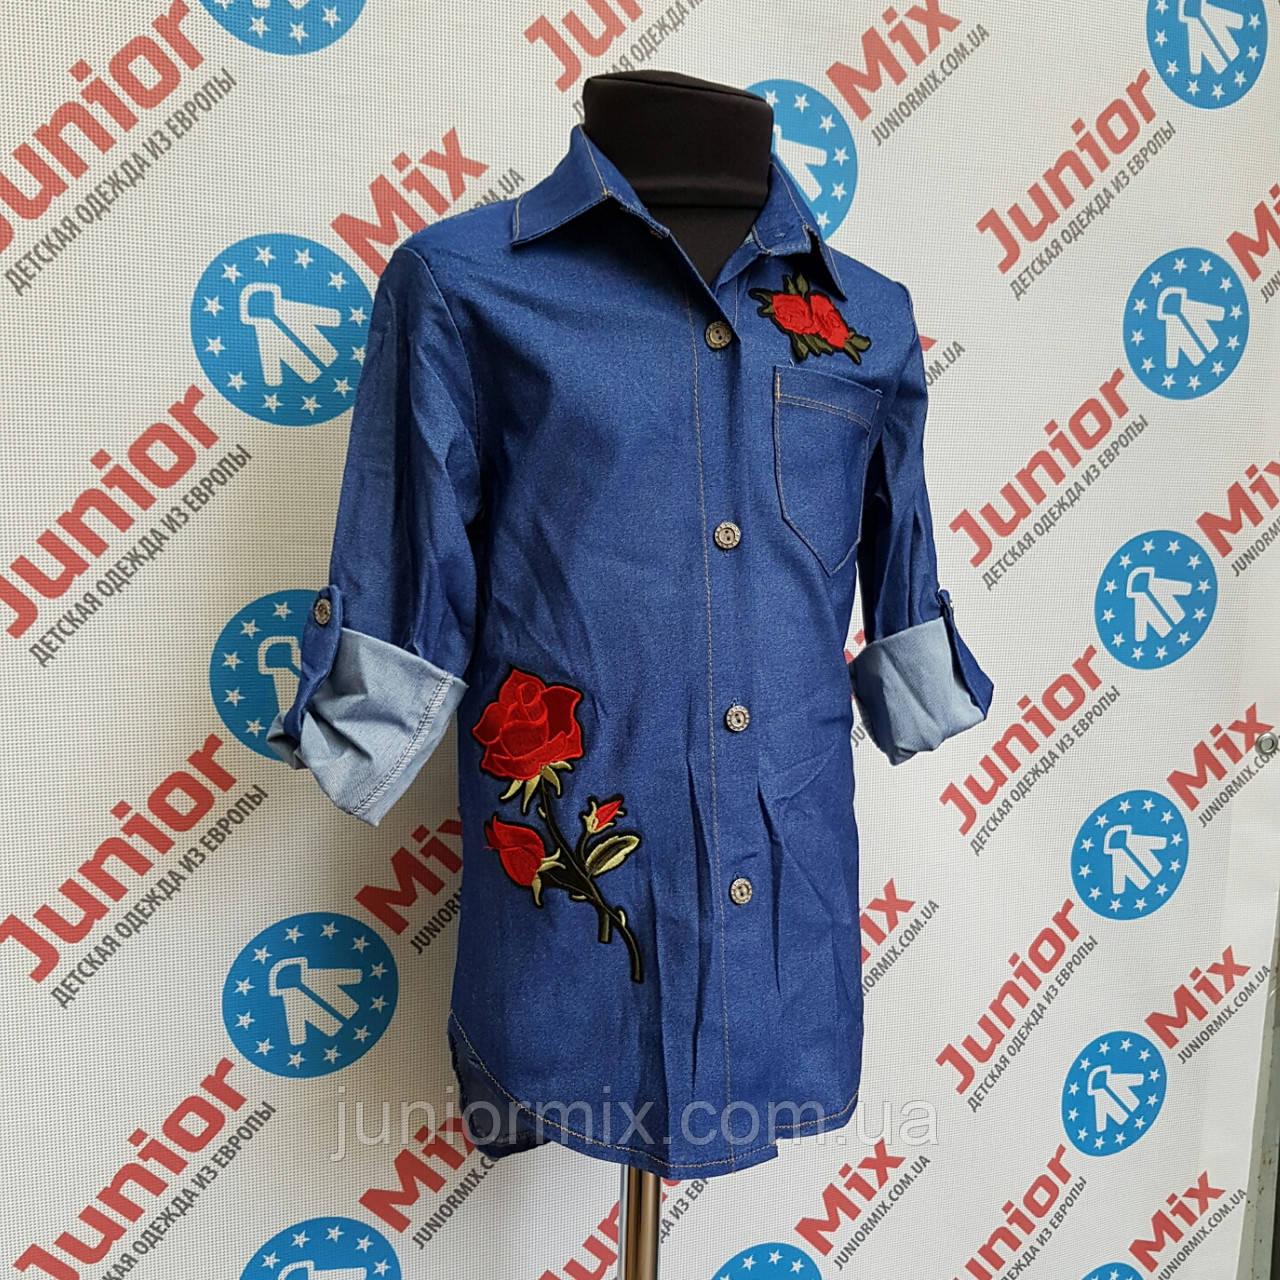 e7fd7274947 Купить Рубашка джинсовая с вышитой розой на девочку ИТАЛИЯ в ...